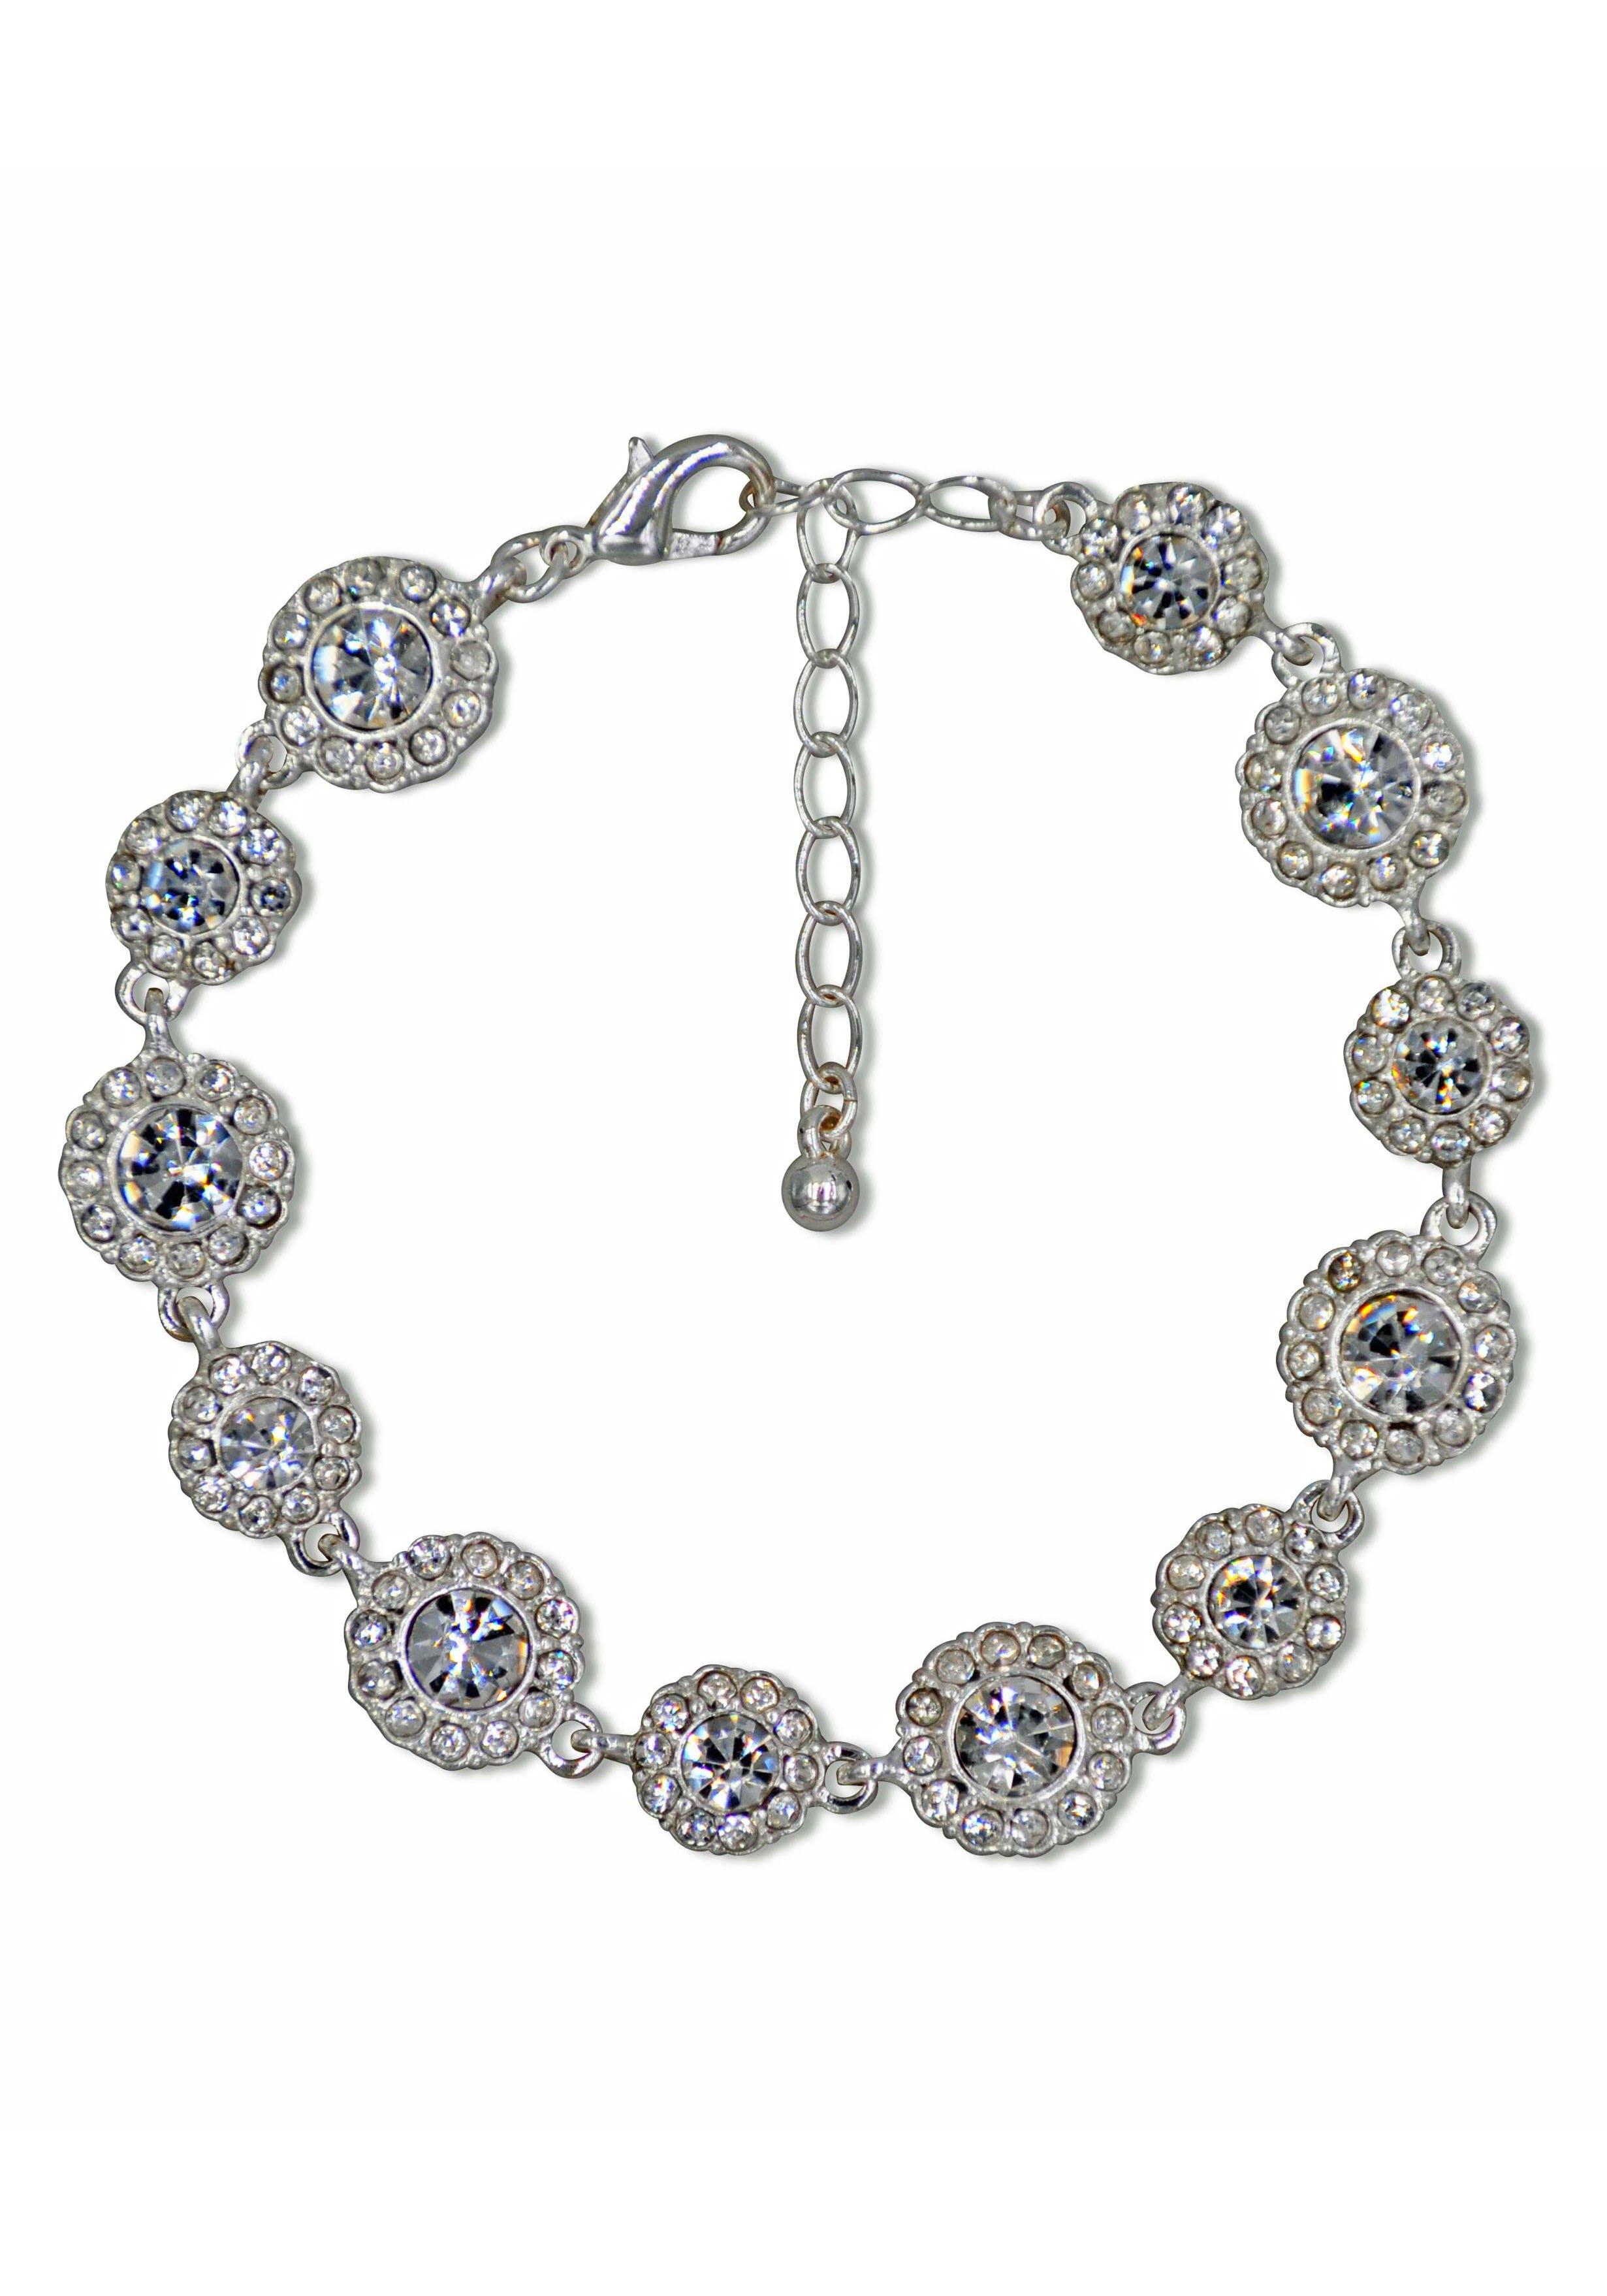 J.Jayz armband Glinsterend bloemenelement, glamoureus met kristal- en glassteentjes nu online bestellen